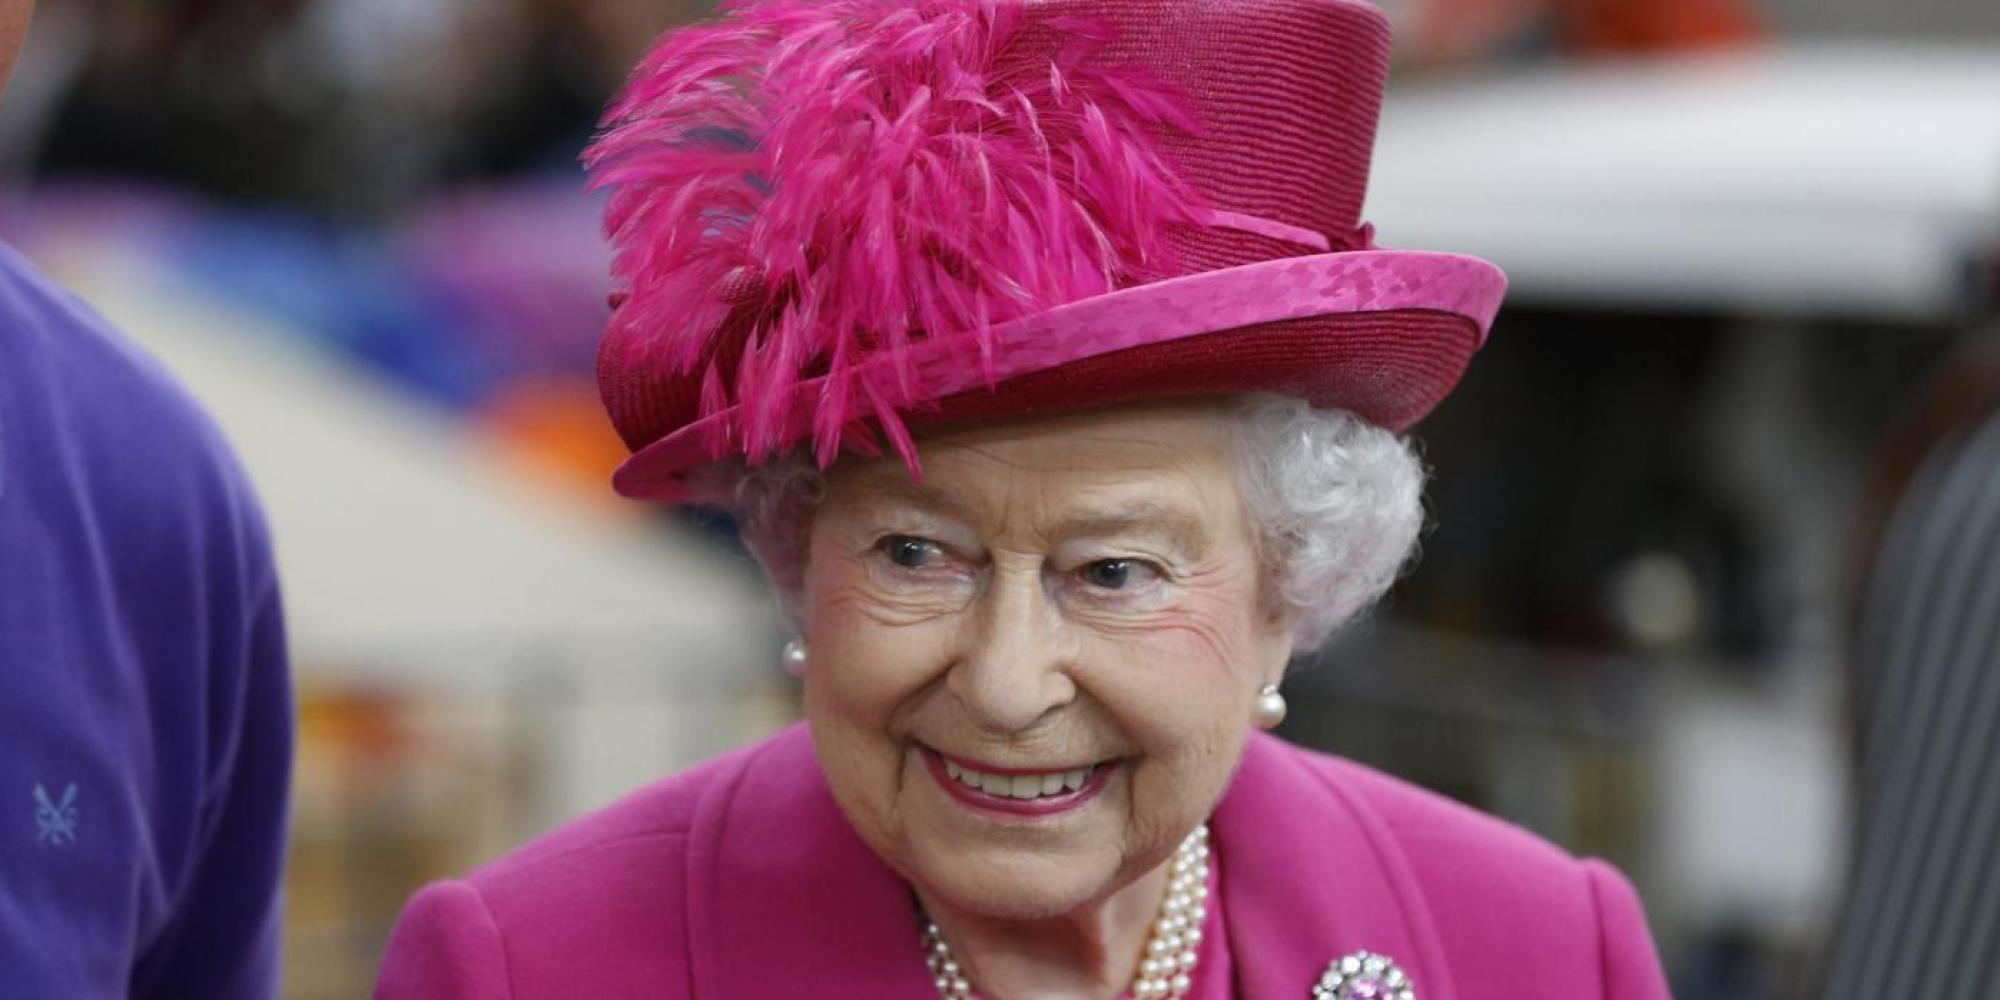 La regina Elisabetta II e il duca di Edimburgo in visita al National Theatre al suo 50esimo anniversario